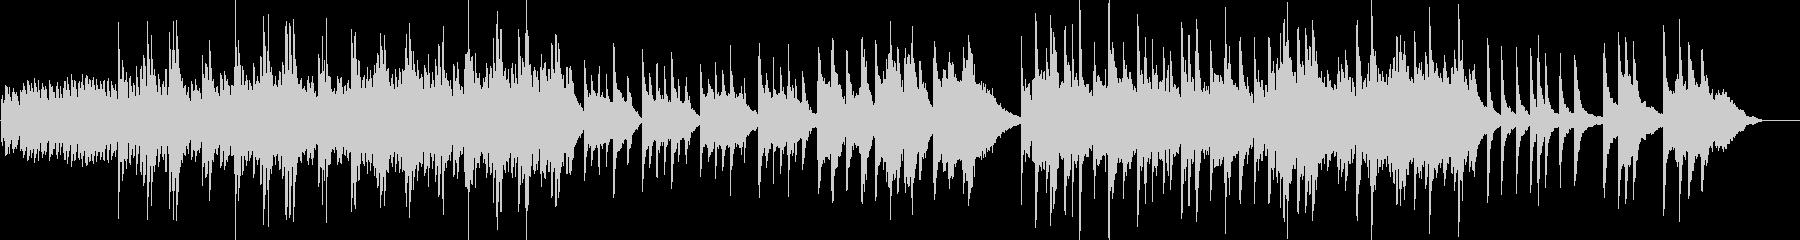 雅な雰囲気の静かな和のオーケストラ3の未再生の波形